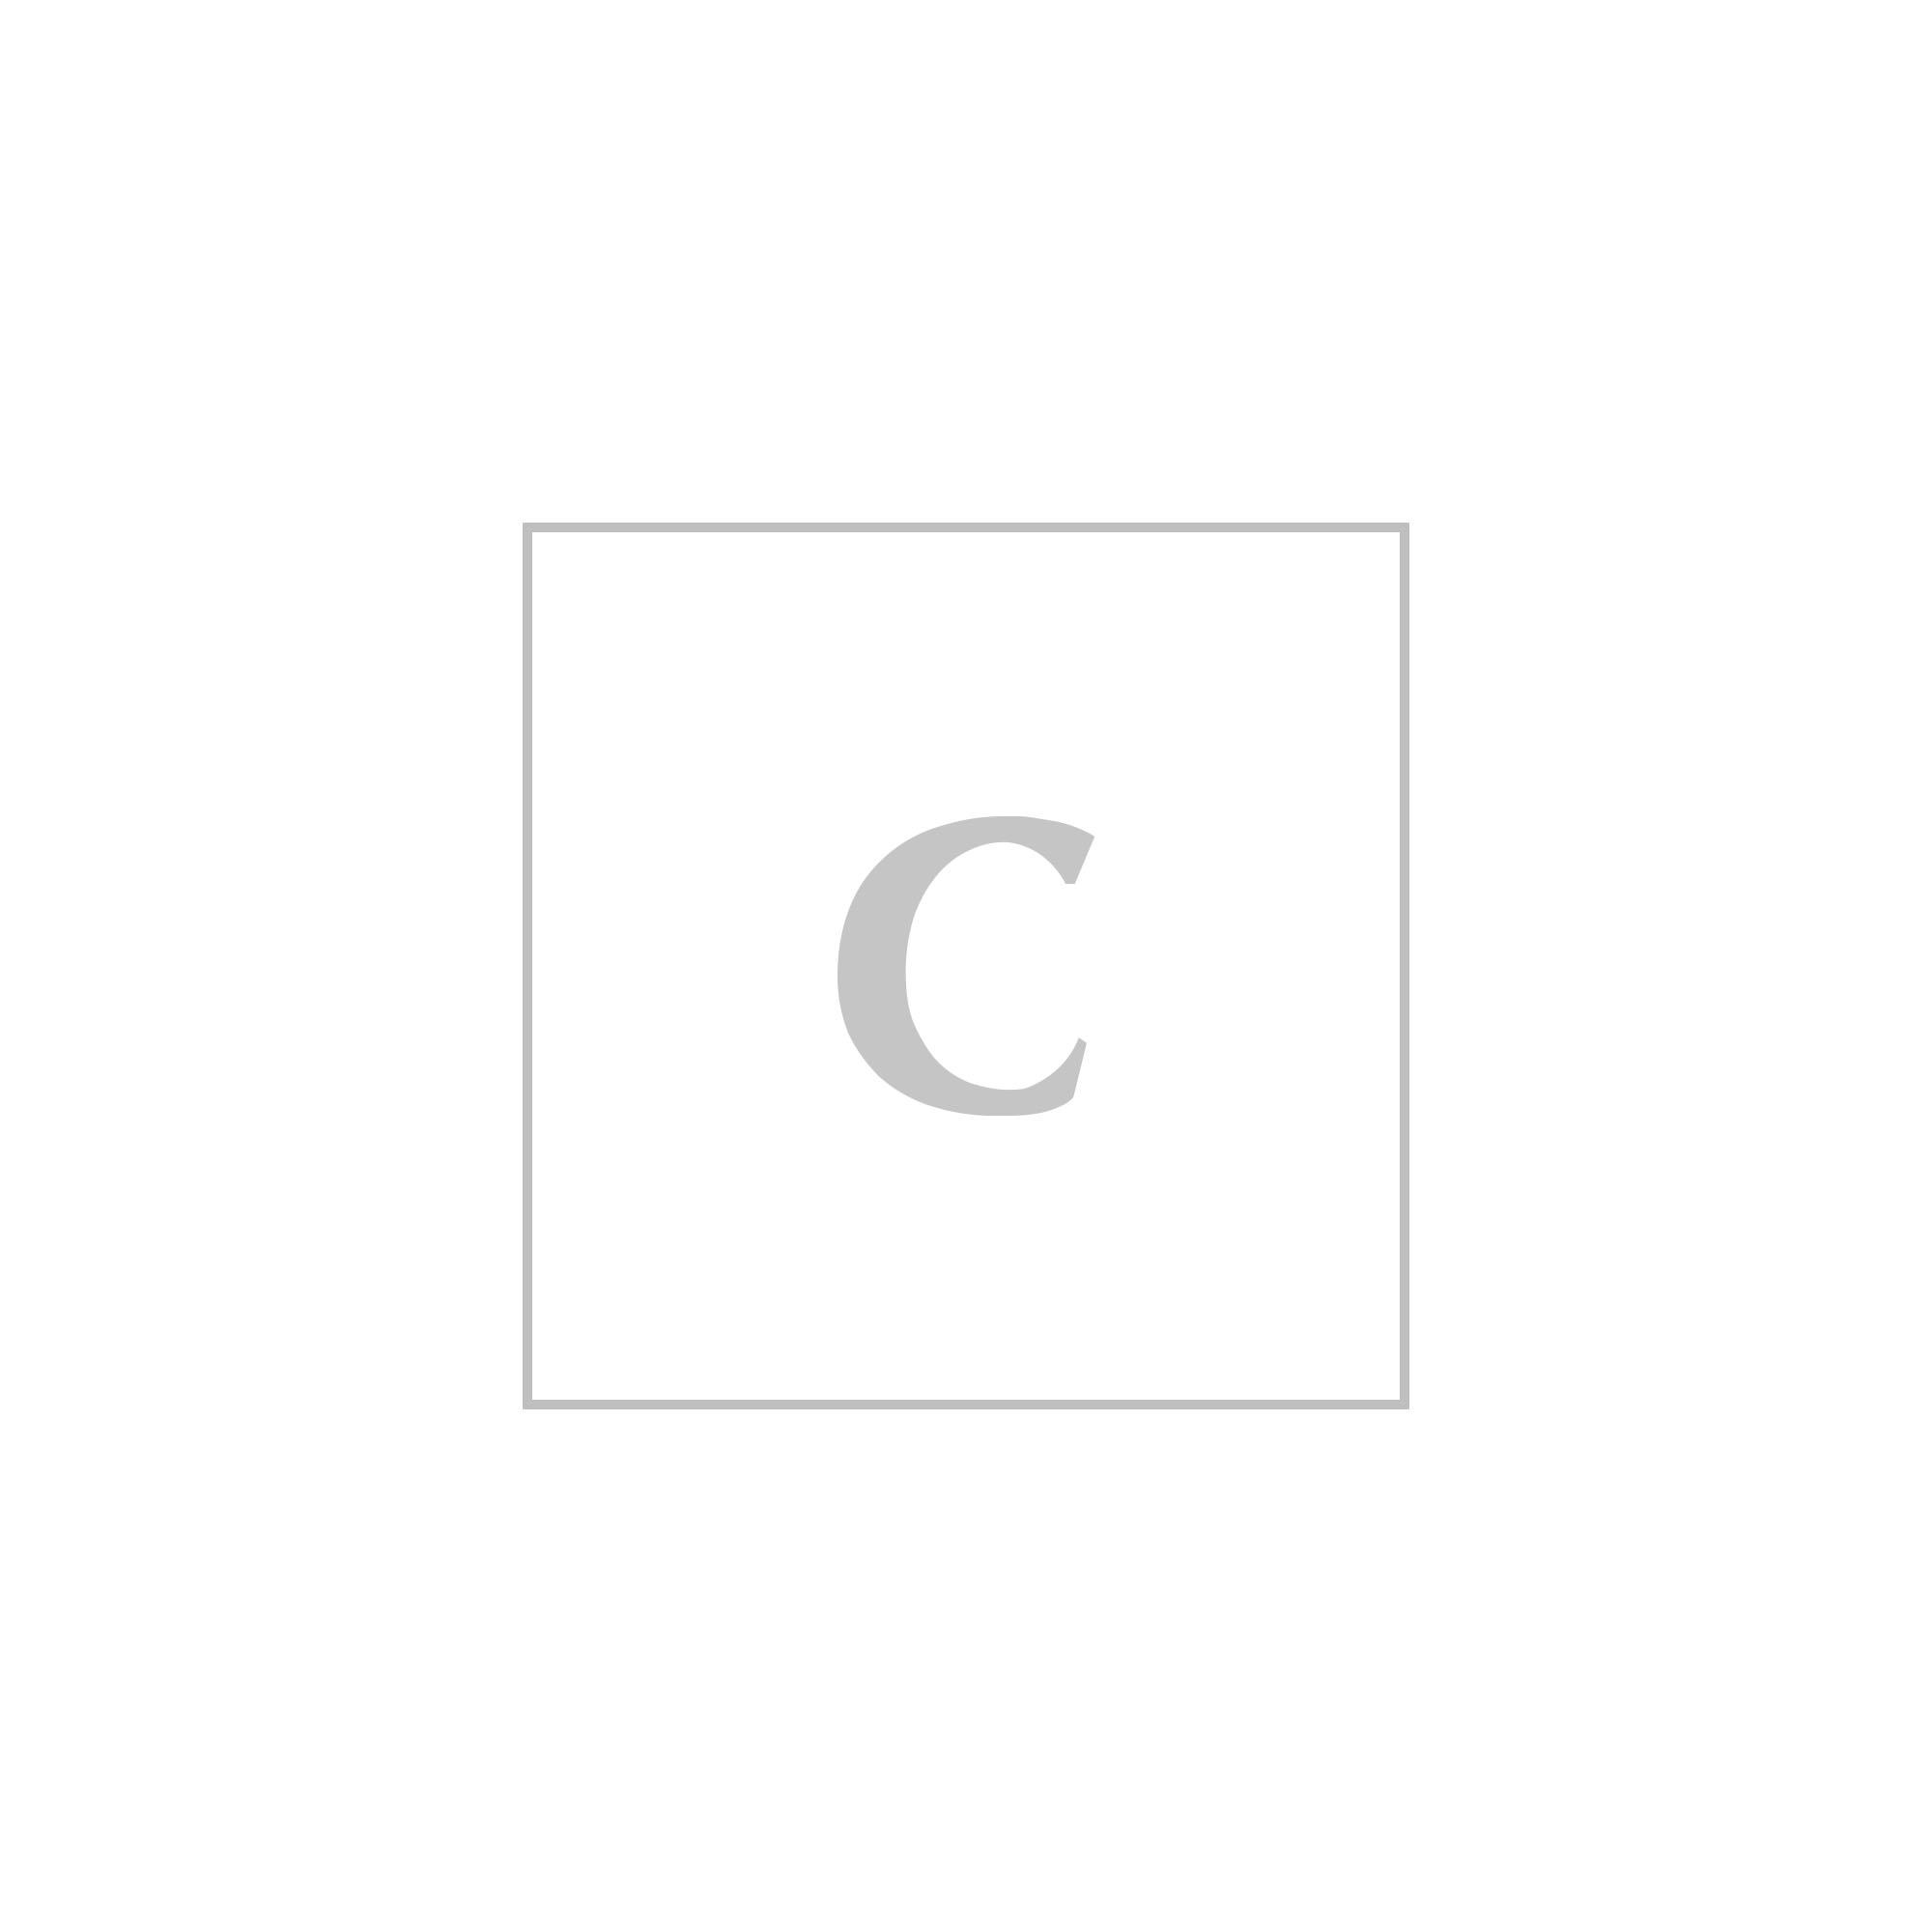 Salvatore ferragamo p.foglio stitch 669775 002 nappa plongo